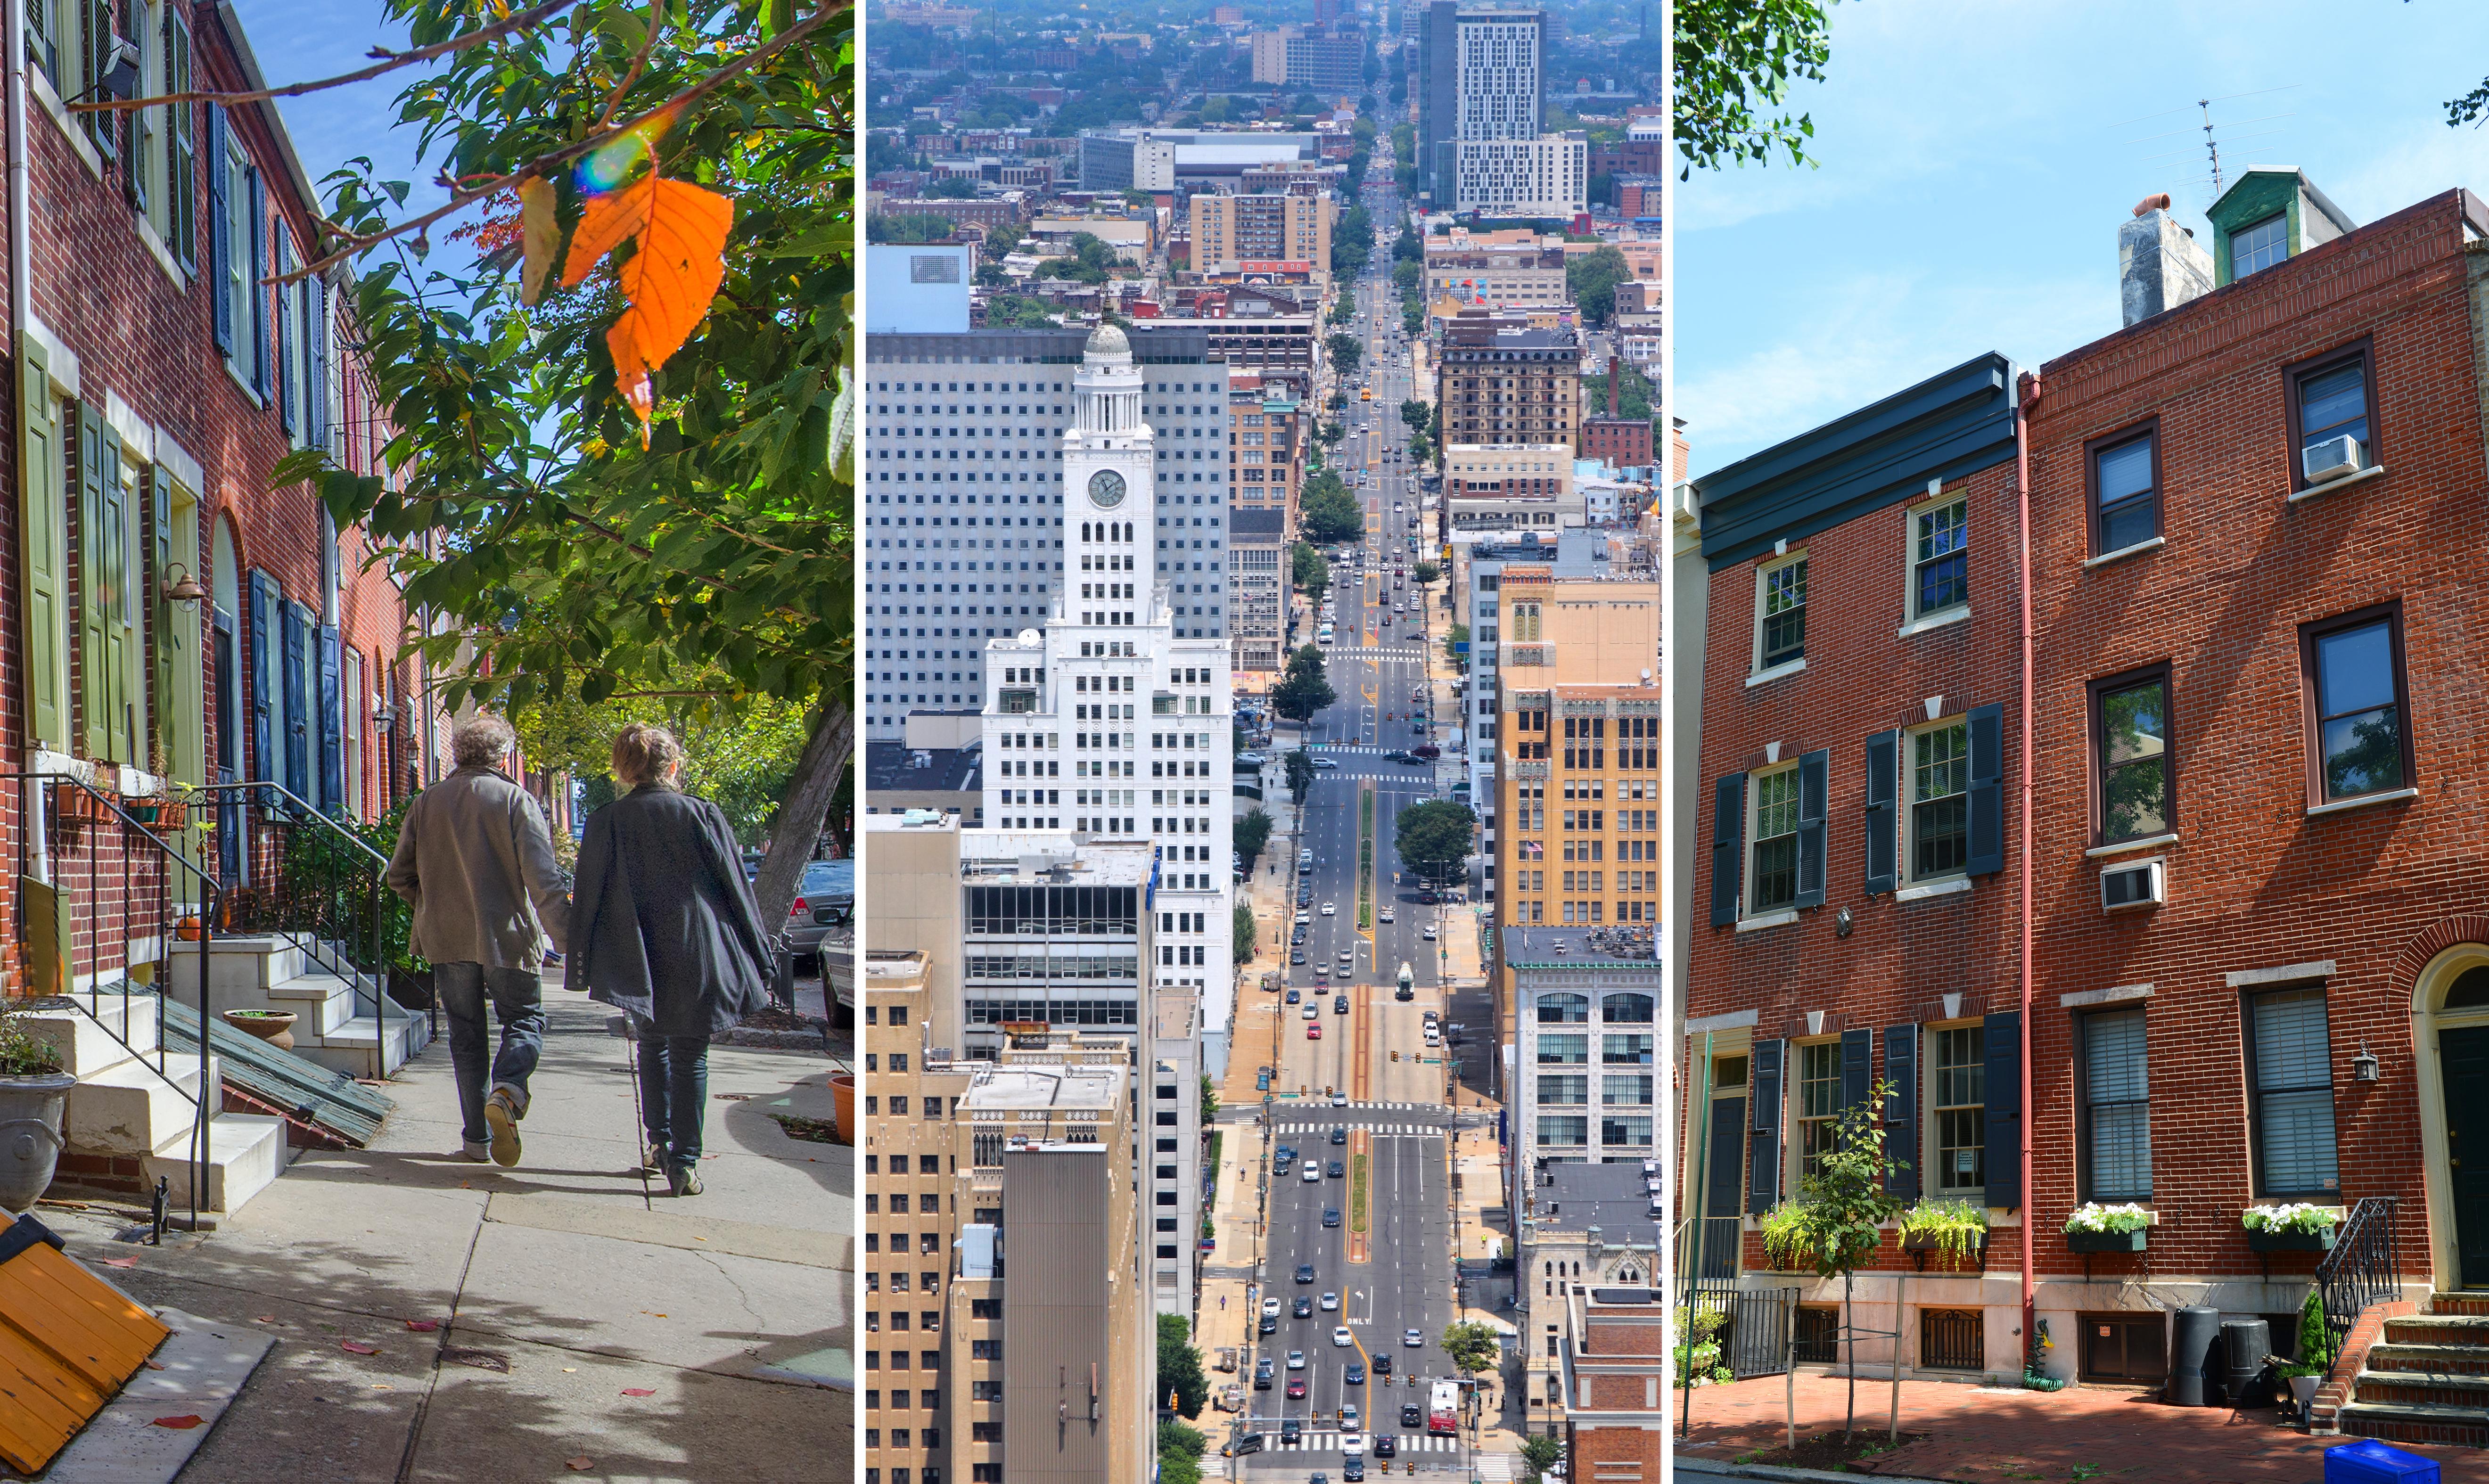 Three images of Philly neighborhoods